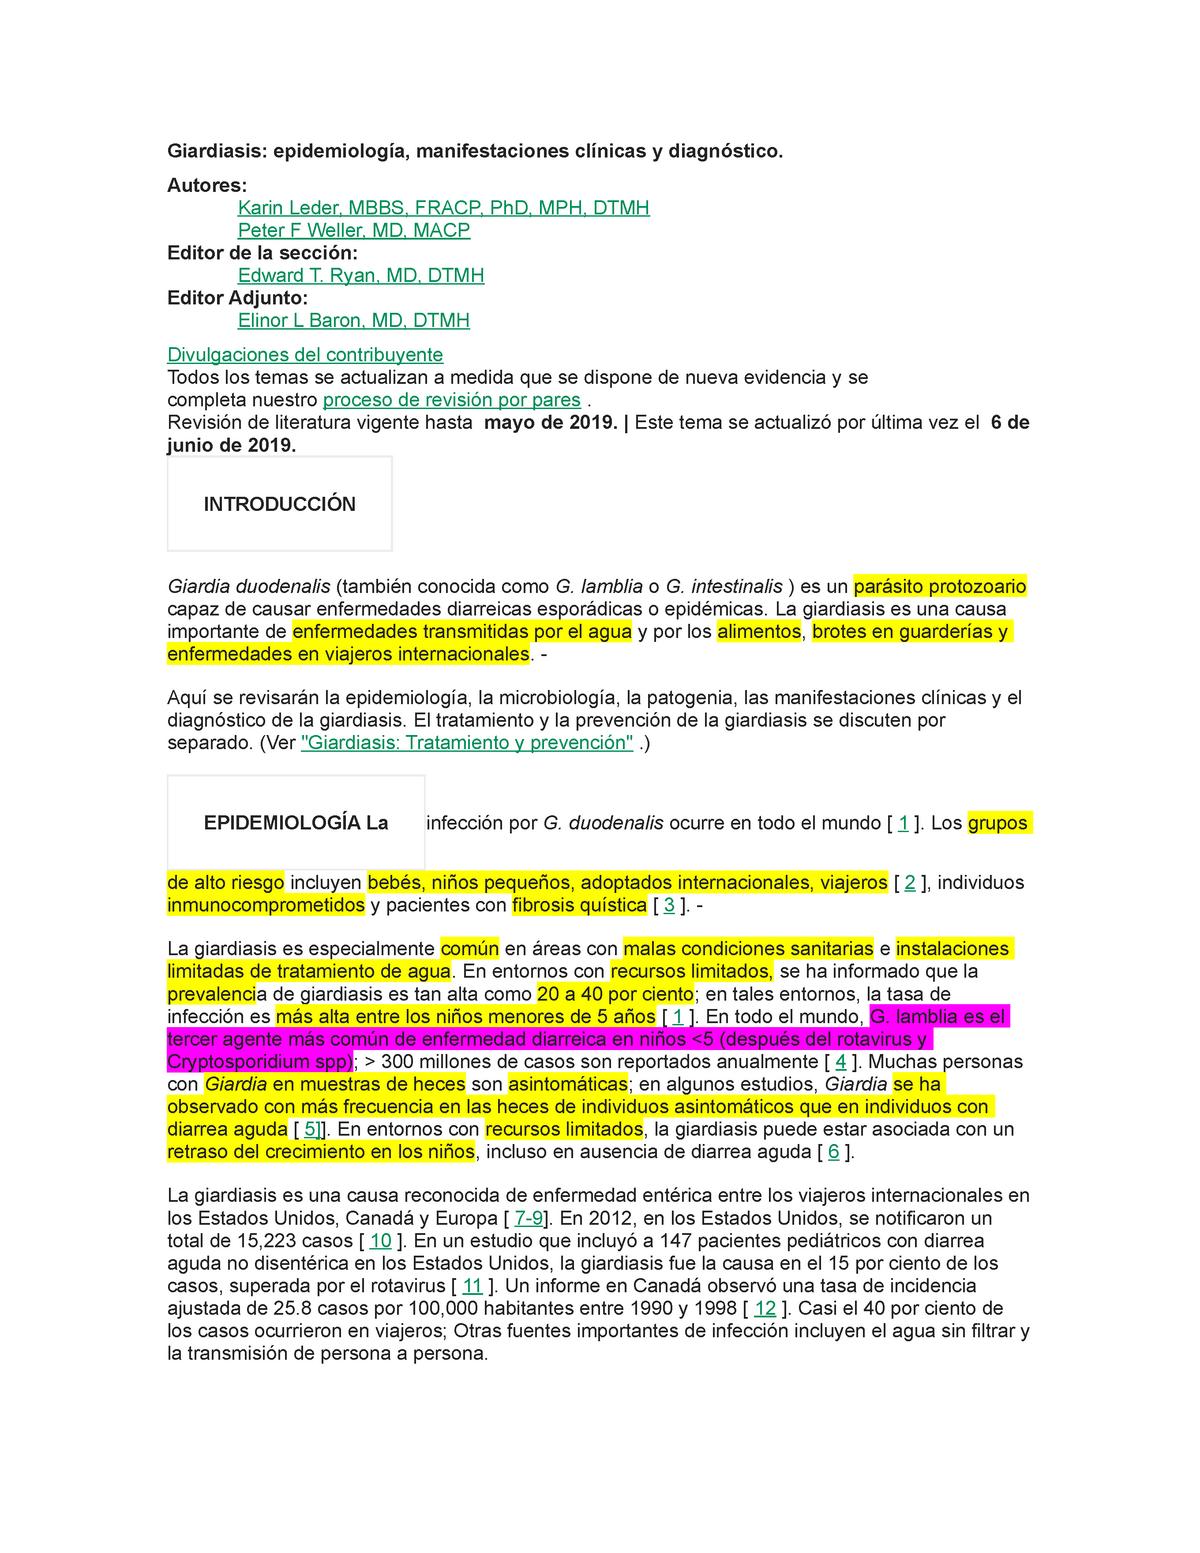 giardiasis y la estrongiloidiasis